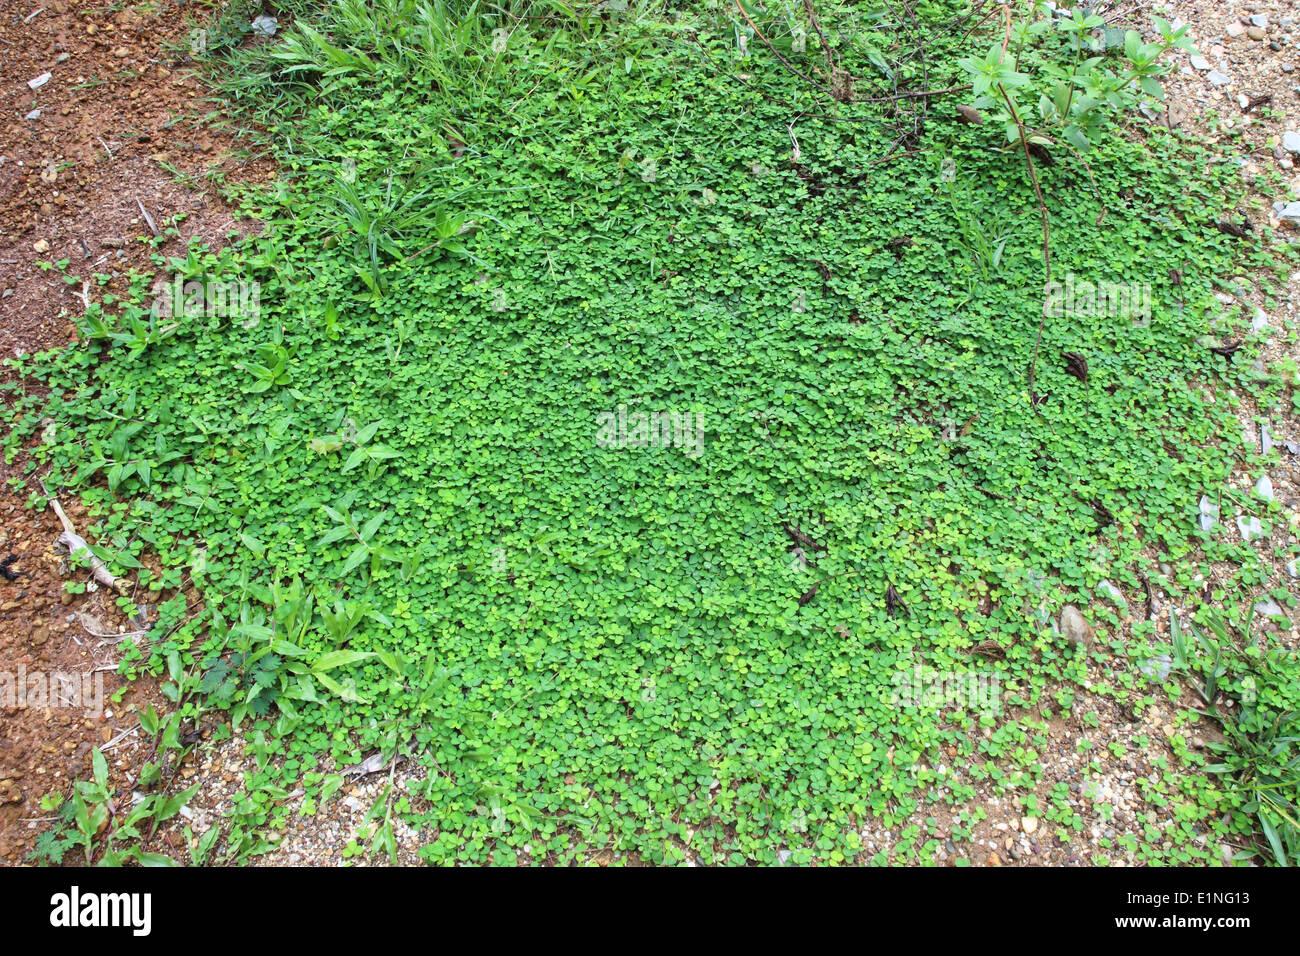 Antecedentes La hierba verde Imagen De Stock